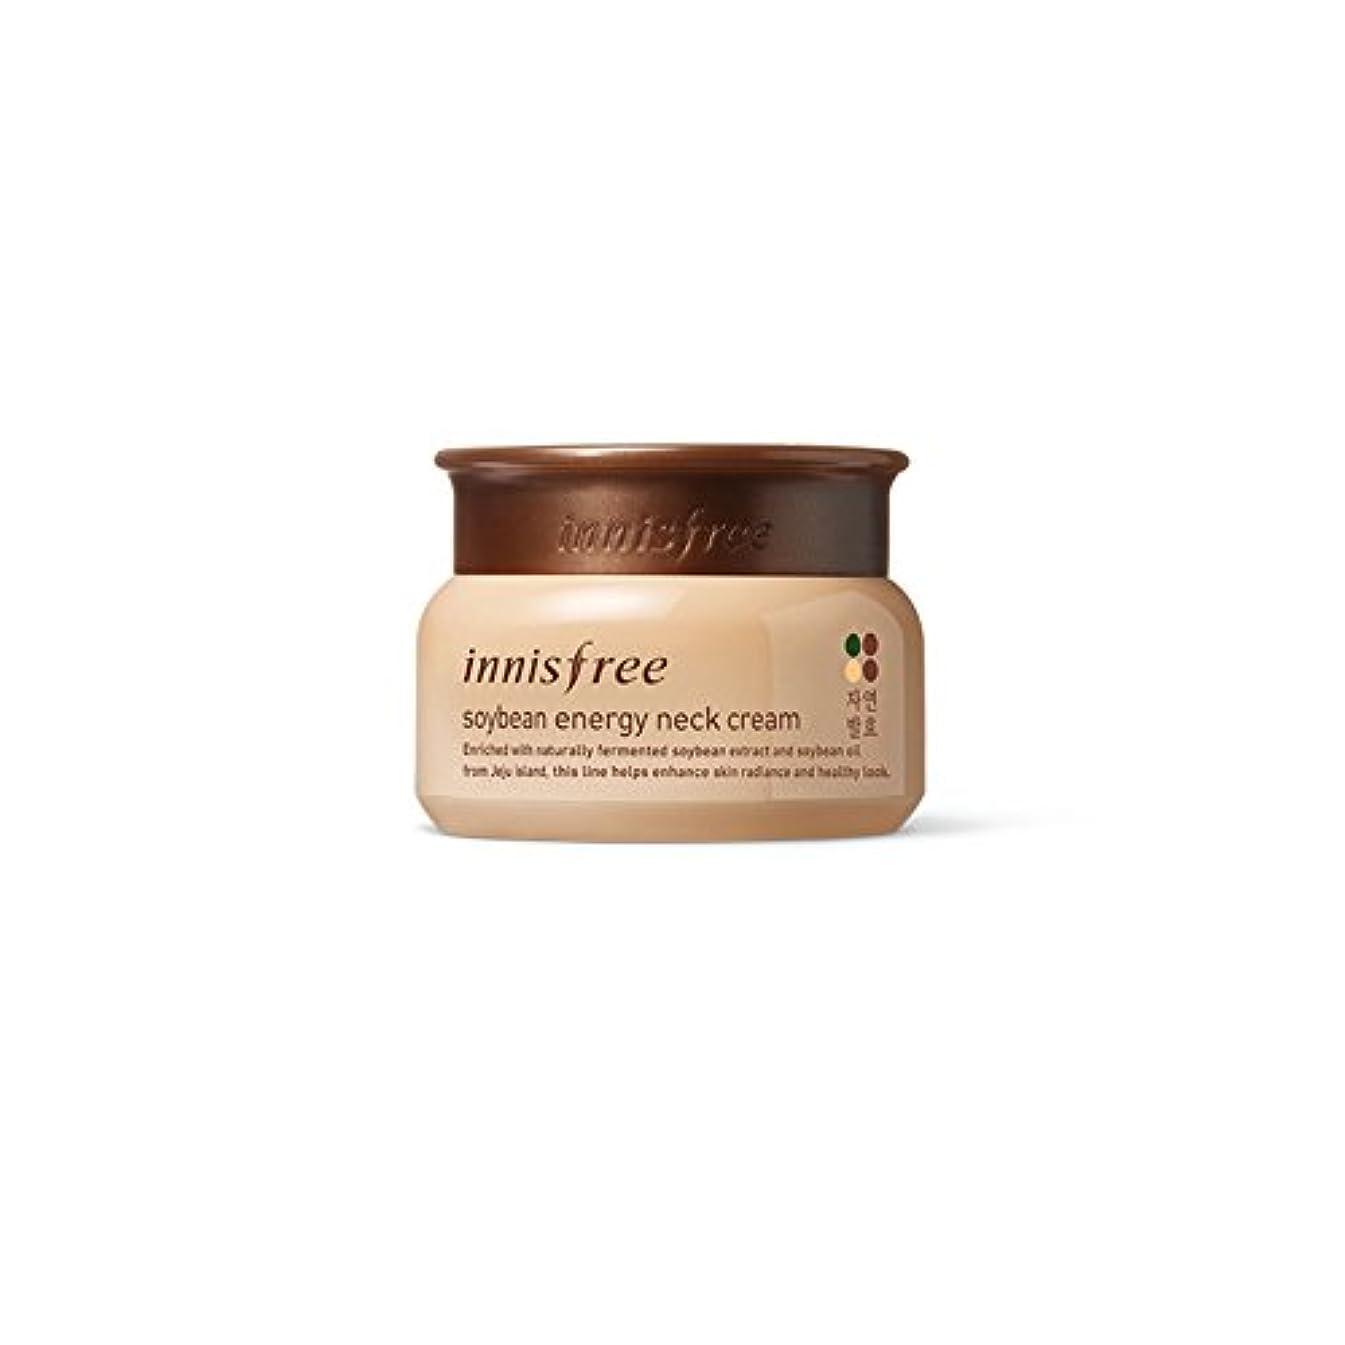 アブストラクト正確に巻き戻す[イニスフリー] Innisfree 発酵大豆エネジネッククリーム (80ml) Innisfree Soy Bean Energy Neck Cream (80ml) [海外直送品]